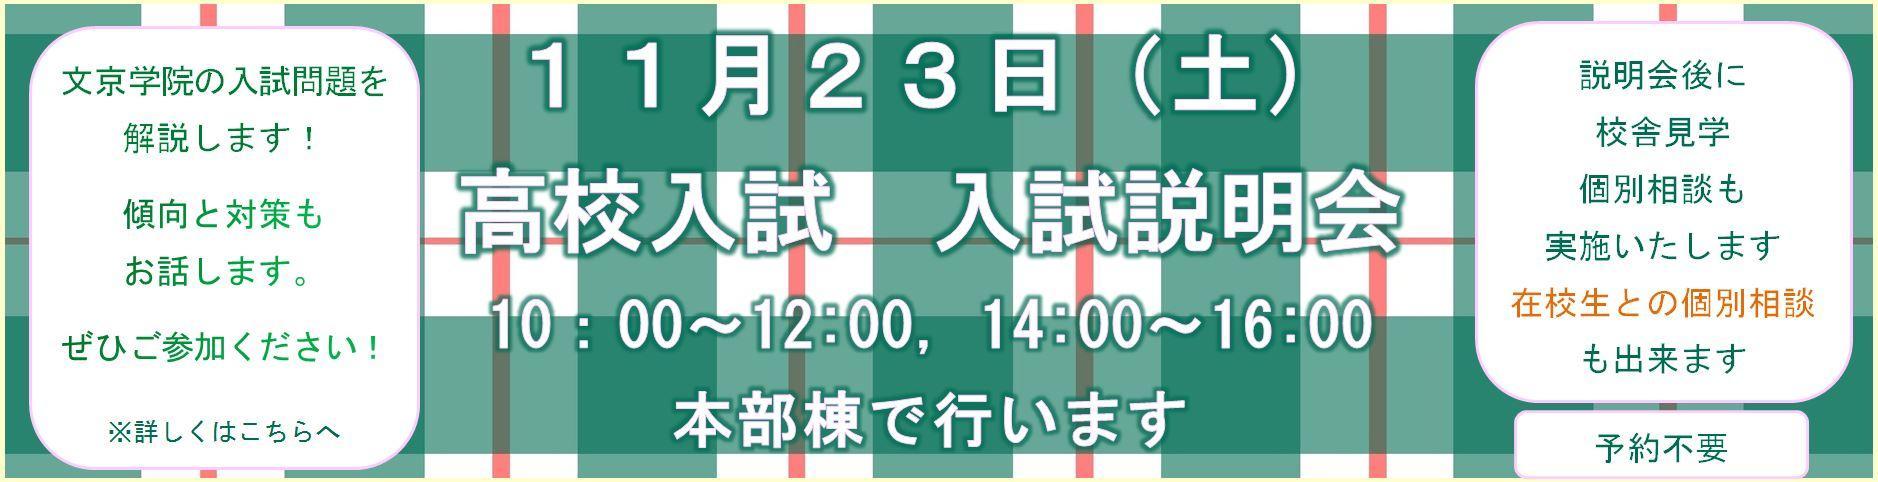 11月23日入試解説.JPG